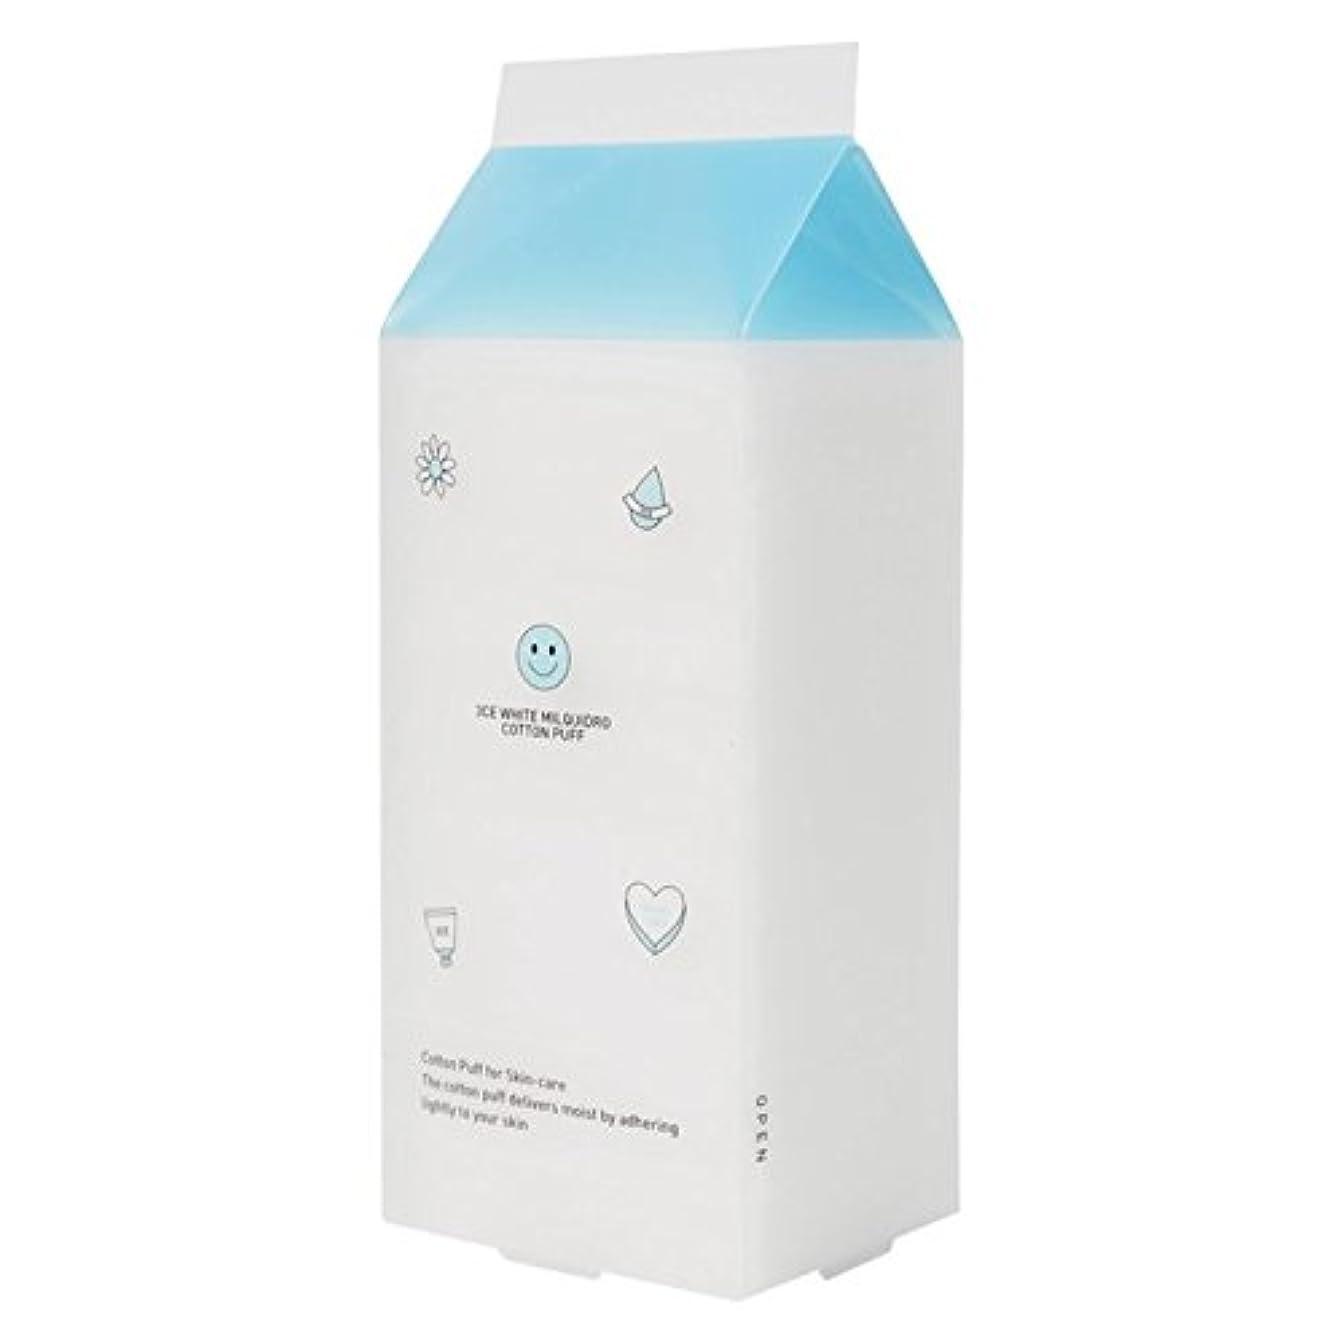 エーカー問い合わせ社説3CE WHITE MILQUIDRO COTTON PUFF / 3CE ホワイトミルクウィドローコットンパフ 100枚 [並行輸入品]